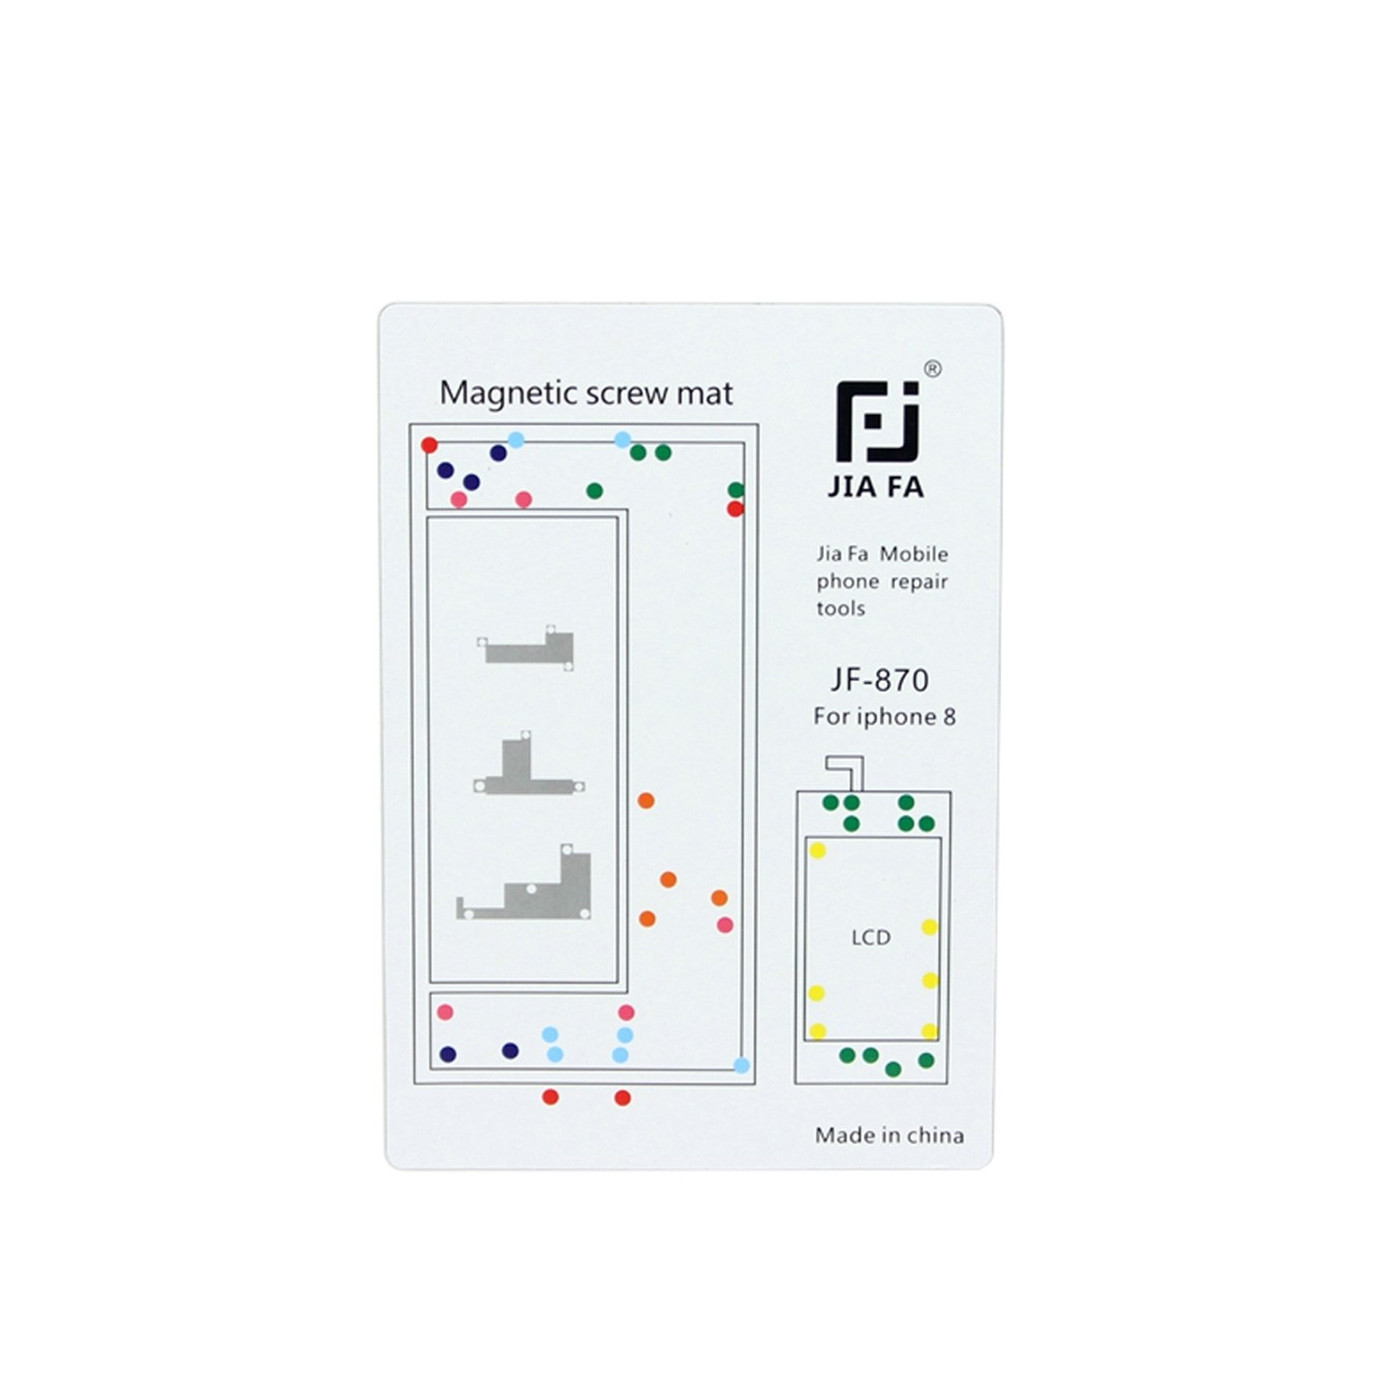 Tappeto magnetico mappa viti riparazione iPhone 8 tools 15 cm x 10 cm tappetino